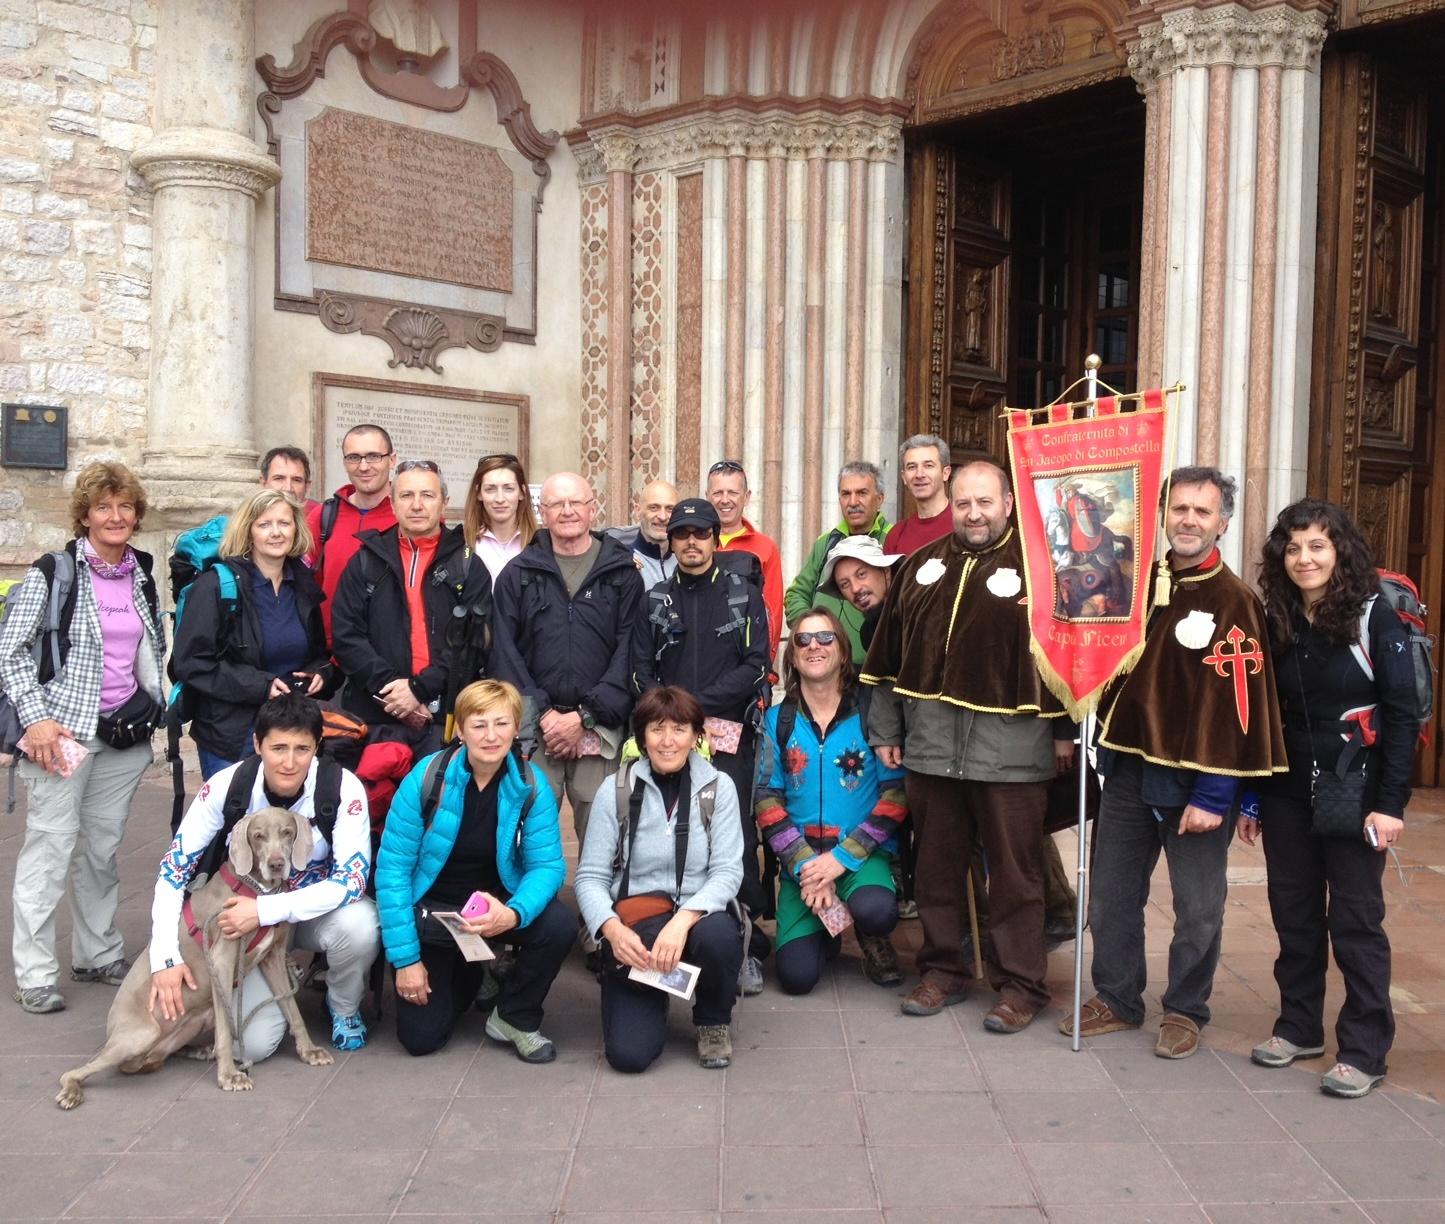 Partenza 4° edizione Cammino Francescano della Mar